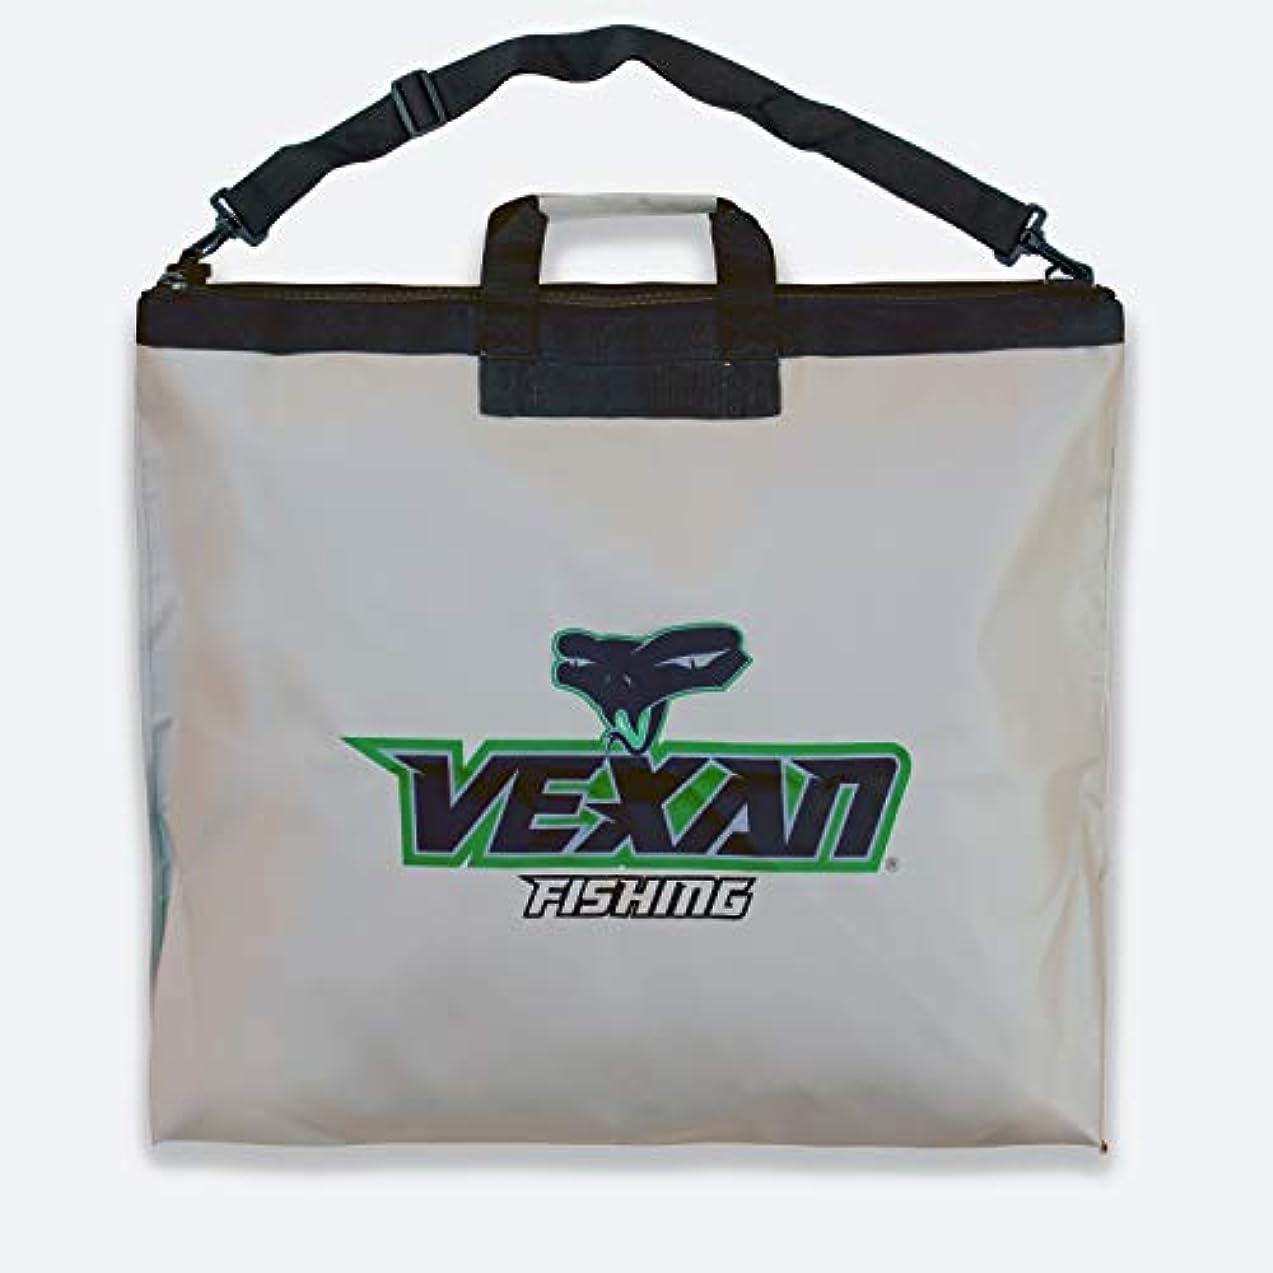 残高ライセンス財政Vexan フィッシング トーナメント ウエイトバッグ 高耐久 ファスナー バス ウォールアイ フィッシング